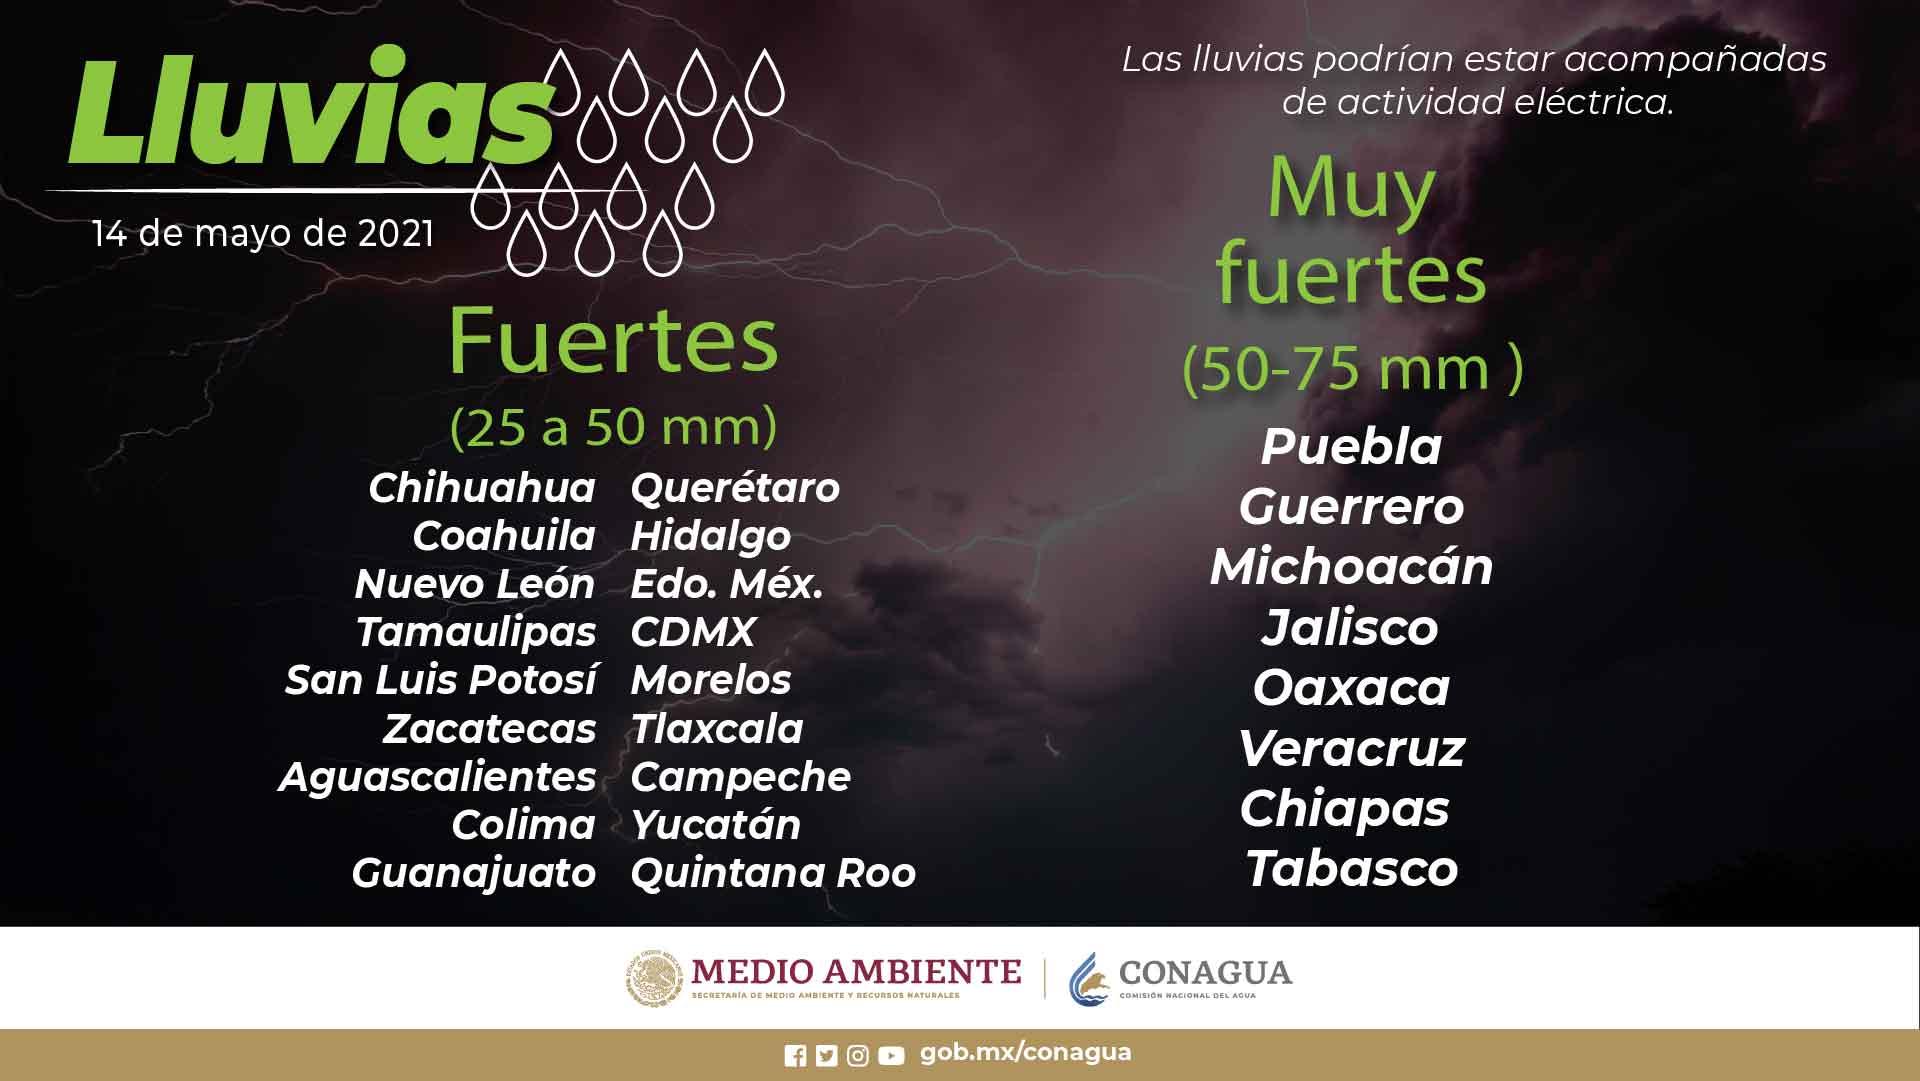 Continuarán las lluvias fuertes en Tlaxcala, tómelo en cuenta